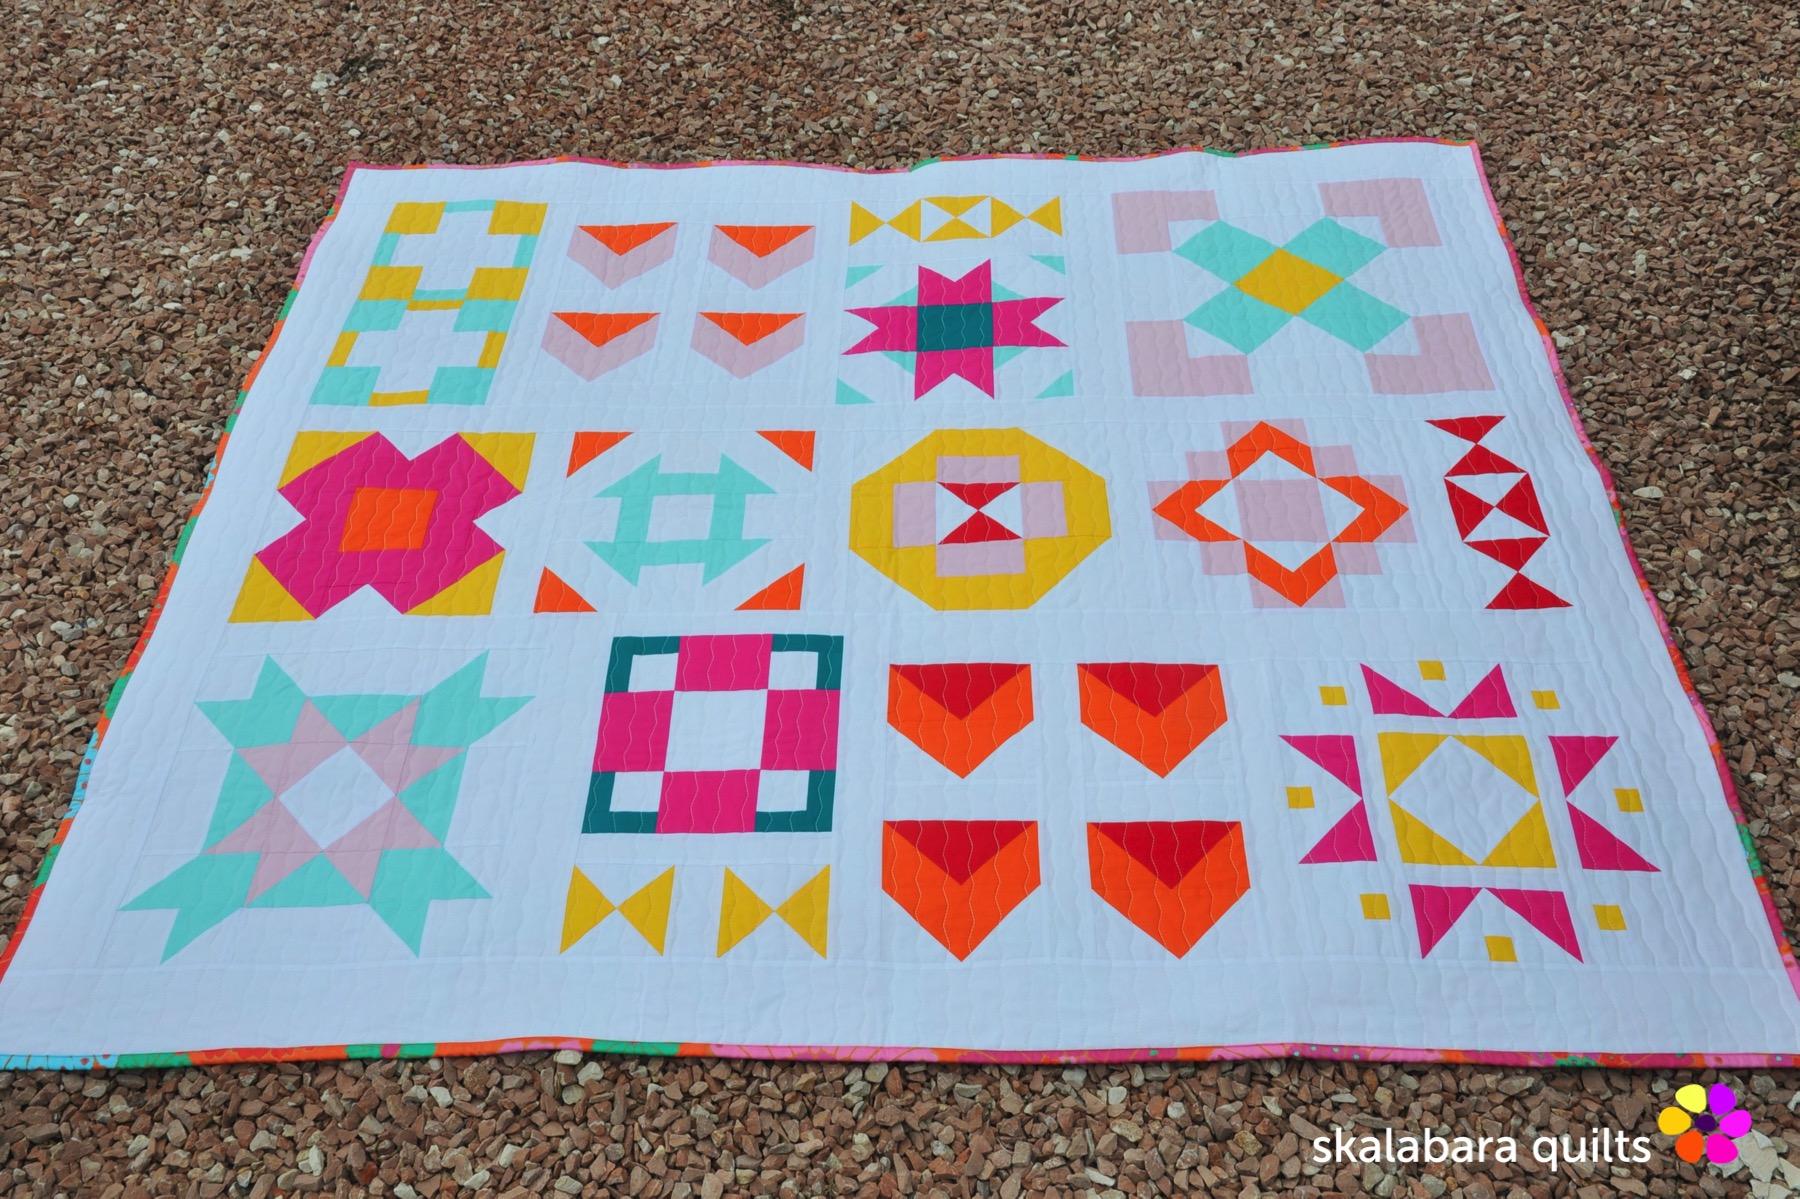 modern sampler quilt 8 - skalabara quilts